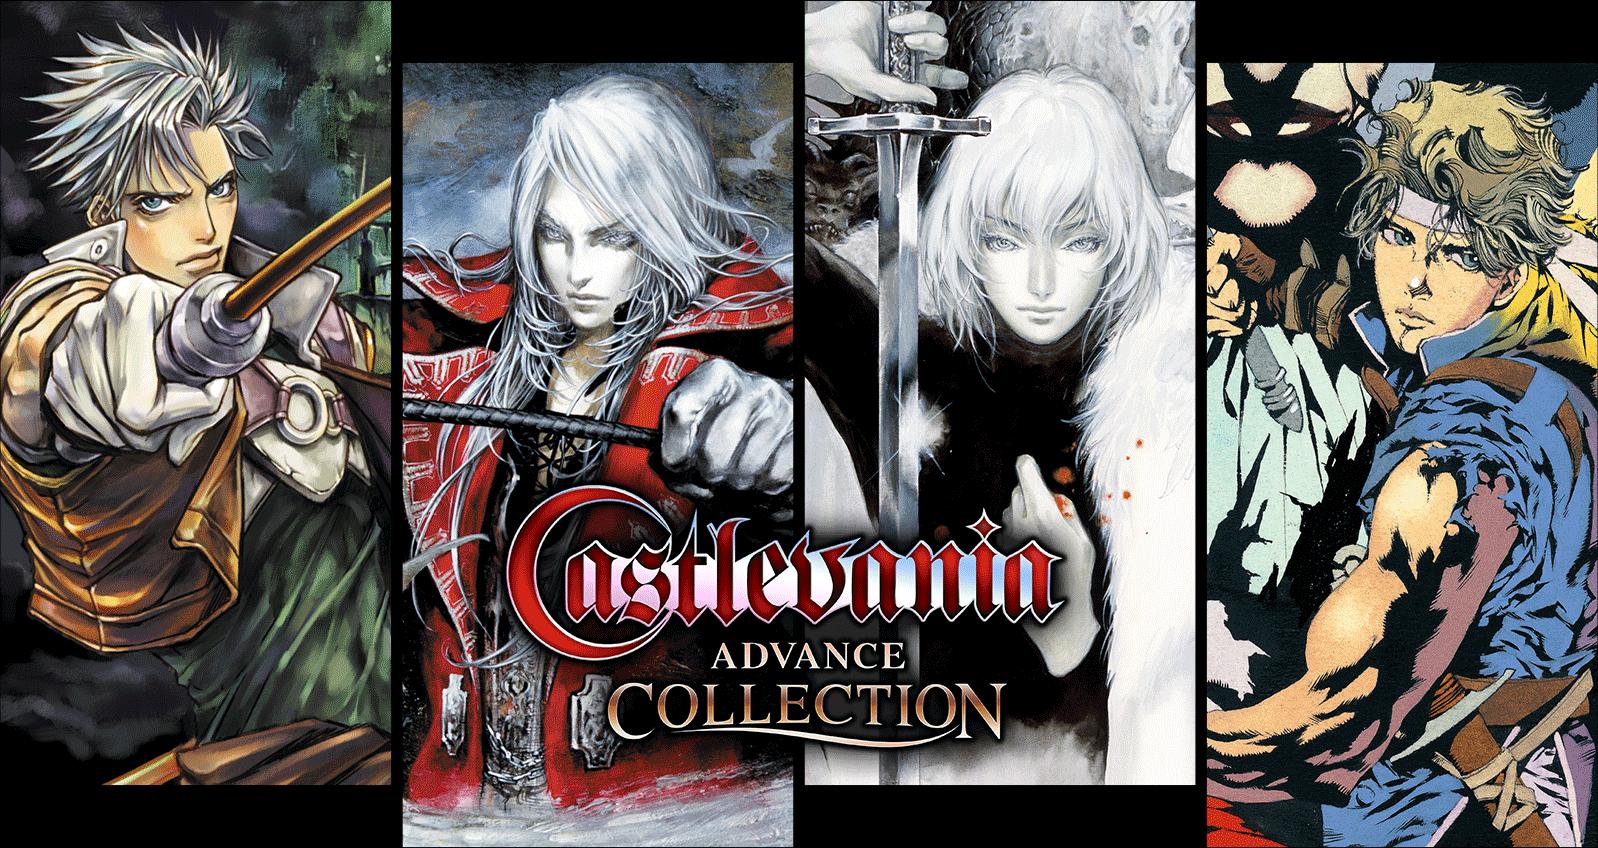 Castlevania Advance Collection 1